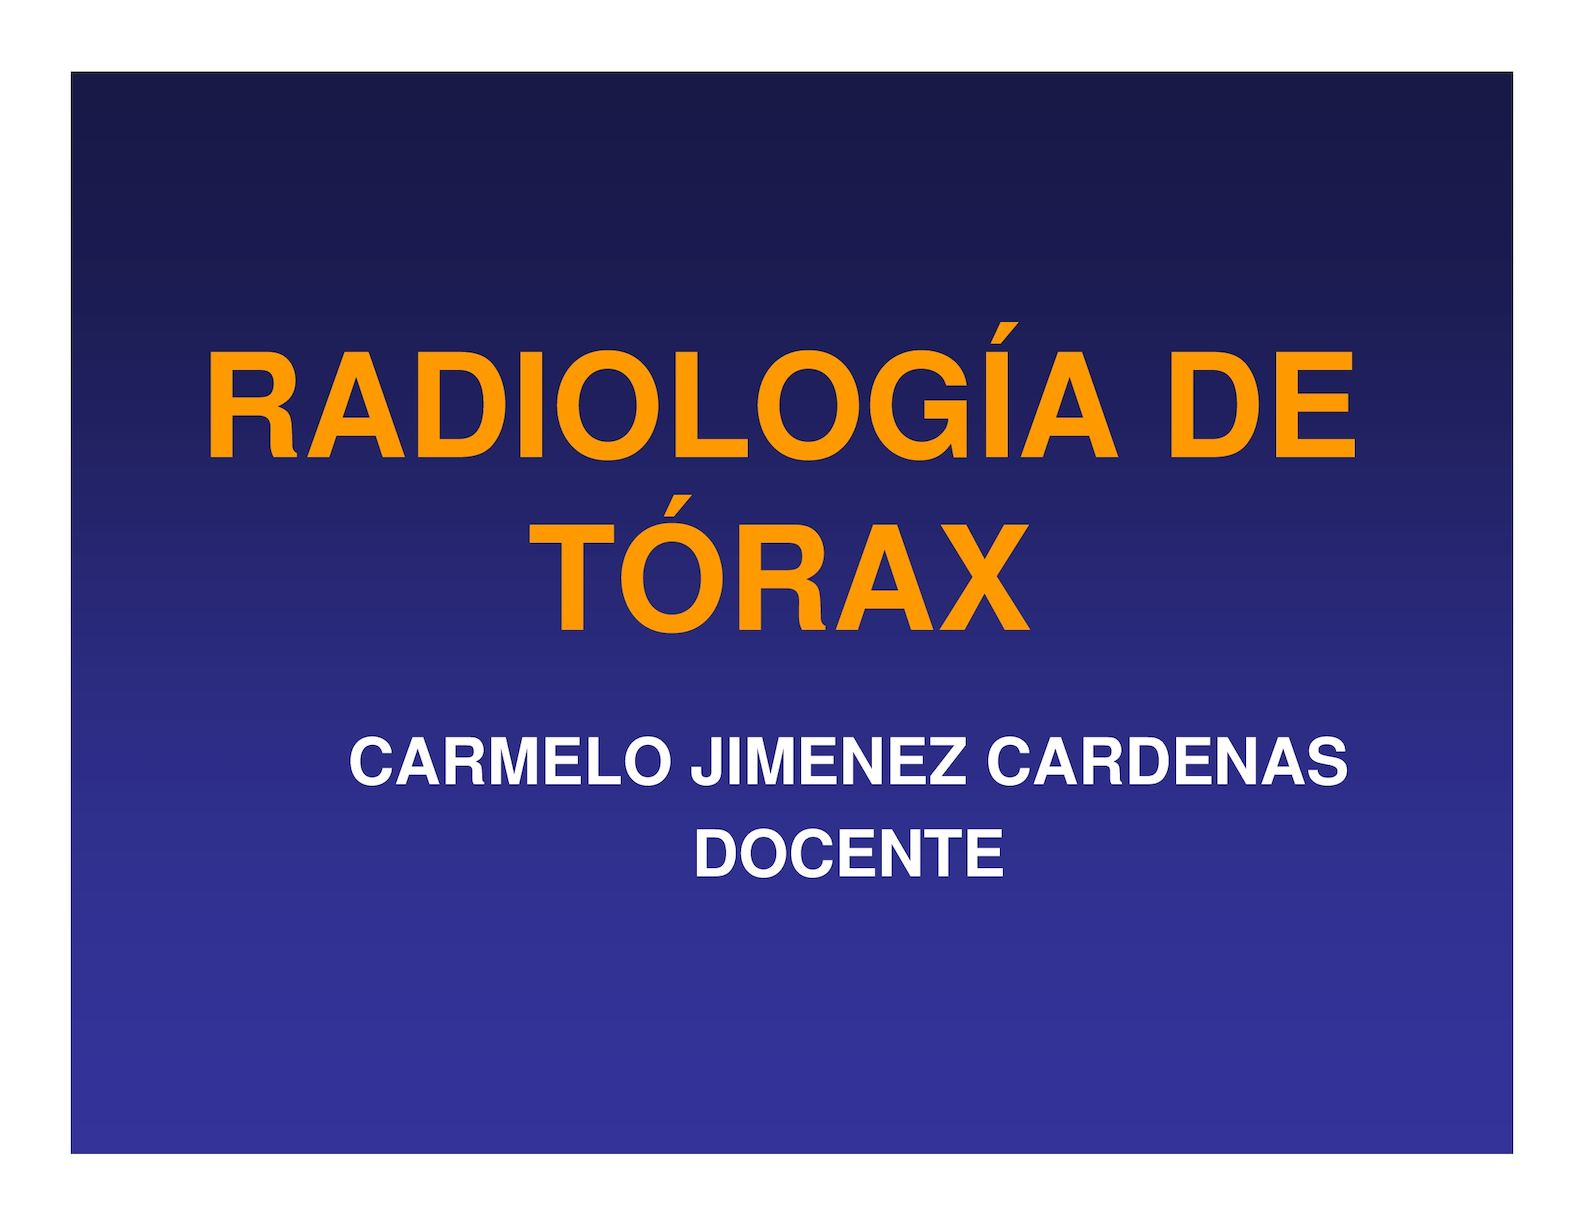 Calaméo - Radiologiatorax